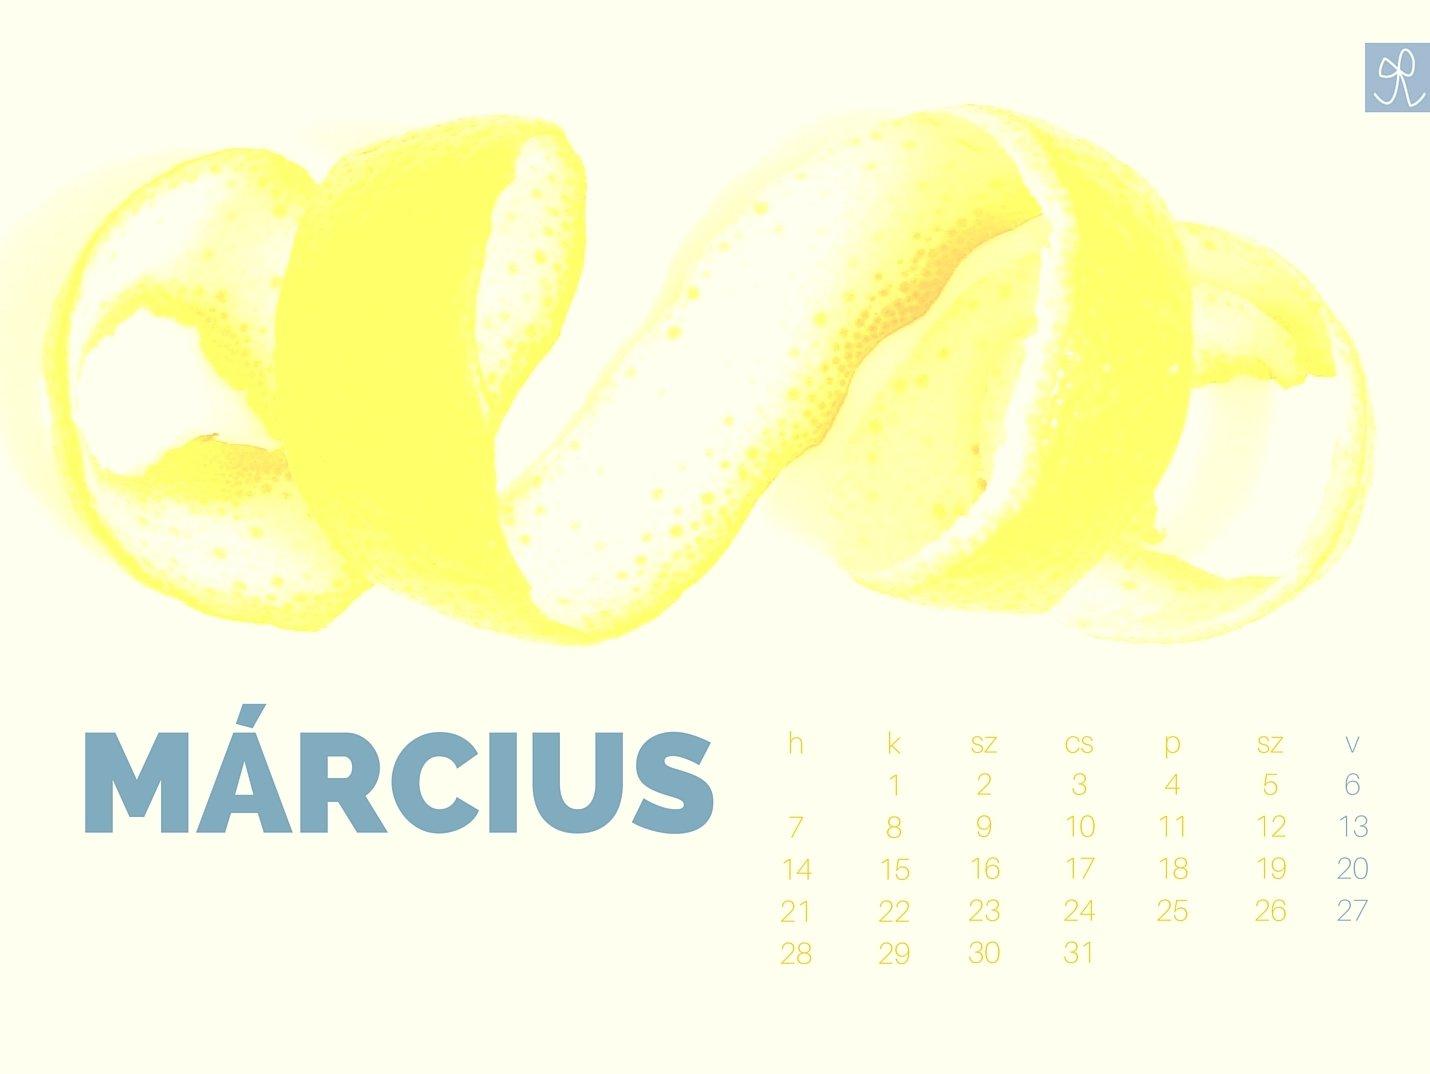 masni_marcius_3_4